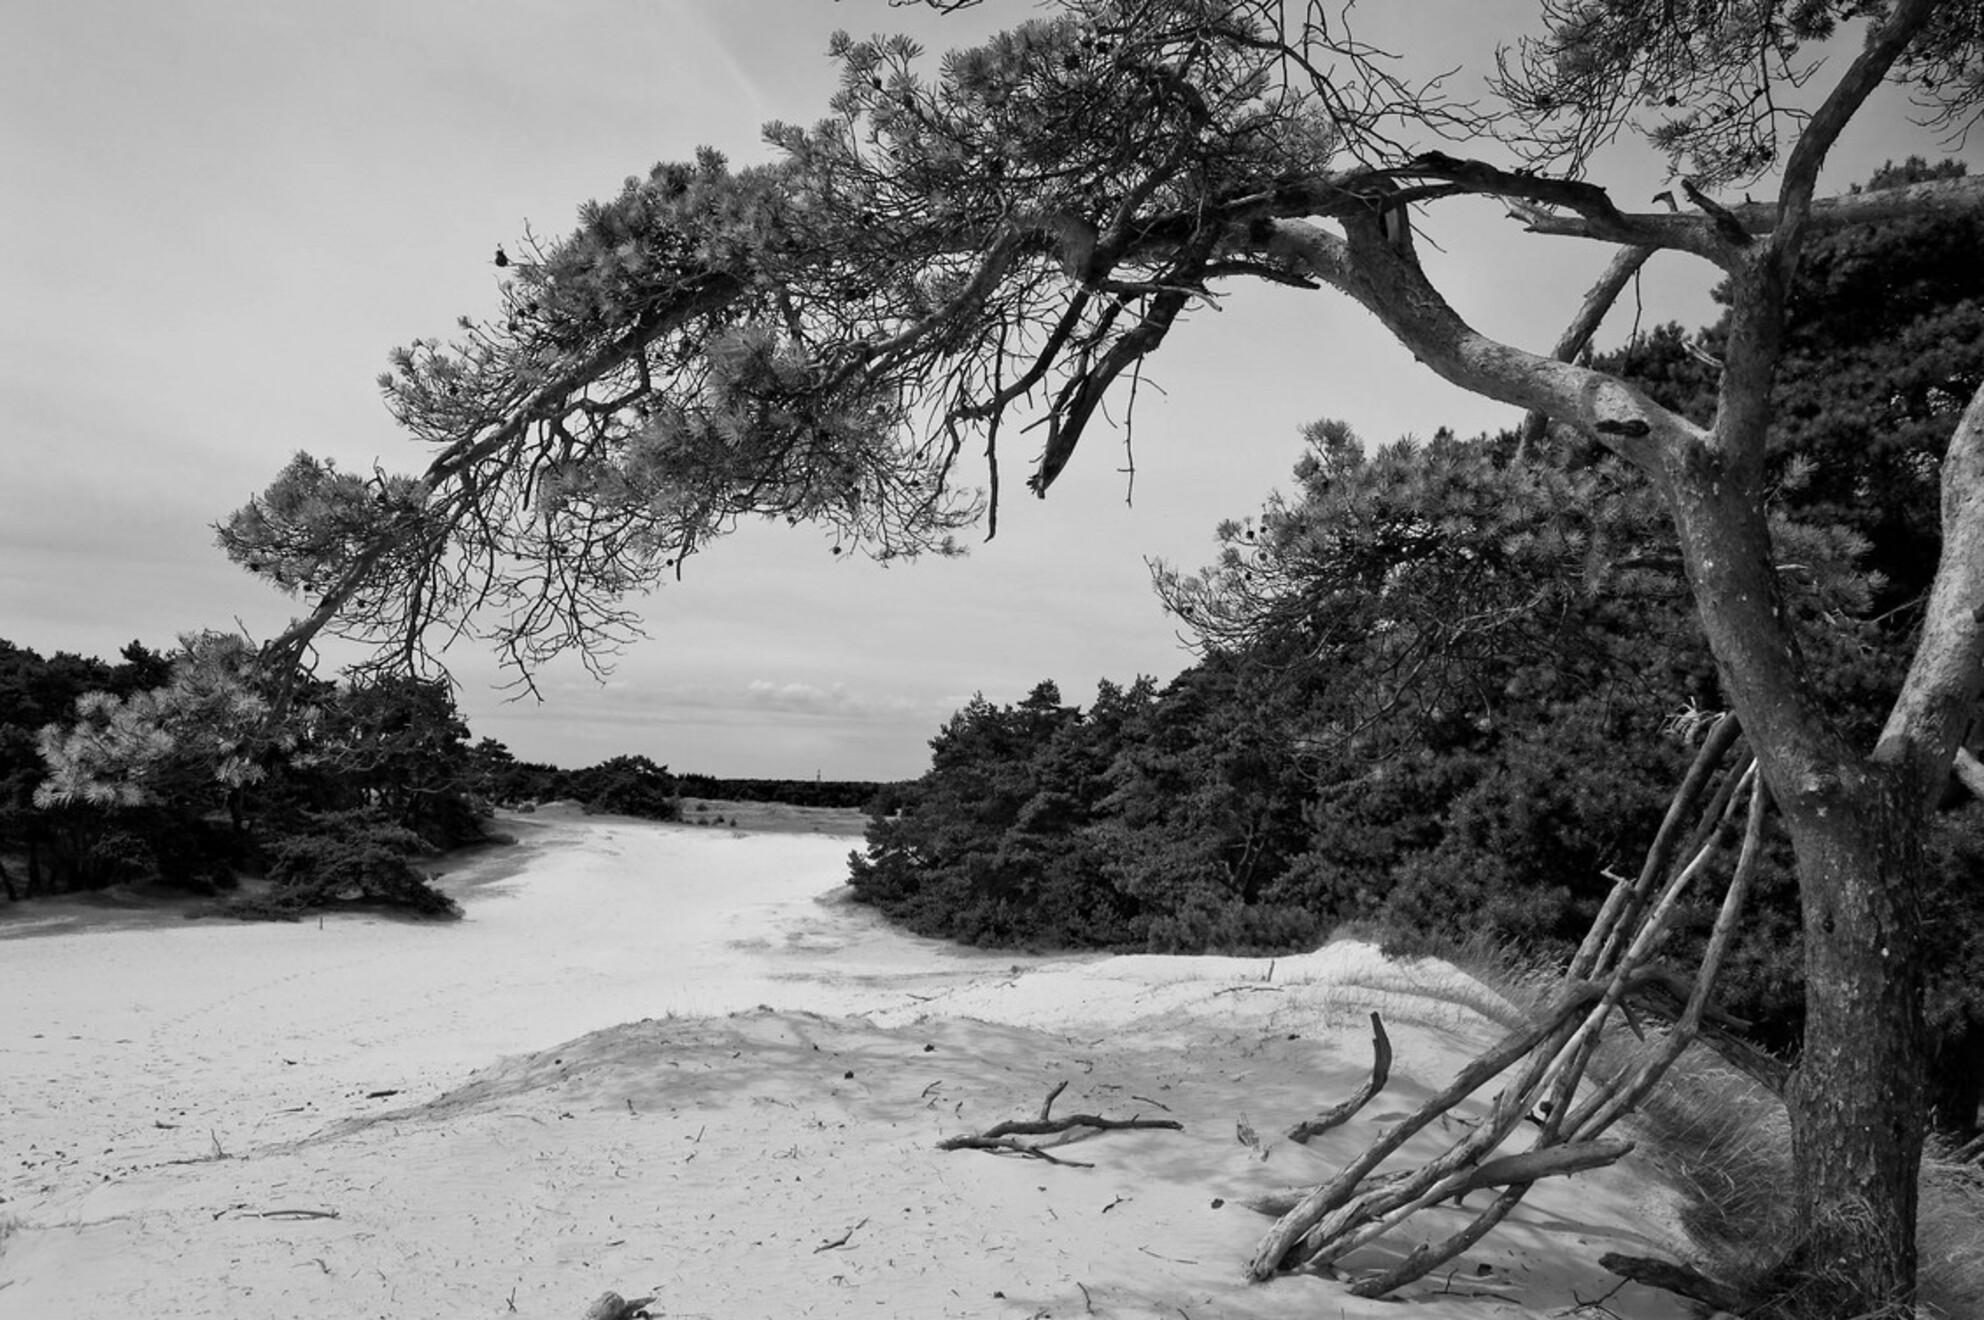 Into the trees - Zwartwit experiment van een prachtig stukje van het Wekeromse zand bij Lunteren - foto door jozsef op 12-08-2009 - deze foto bevat: lunteren - Deze foto mag gebruikt worden in een Zoom.nl publicatie